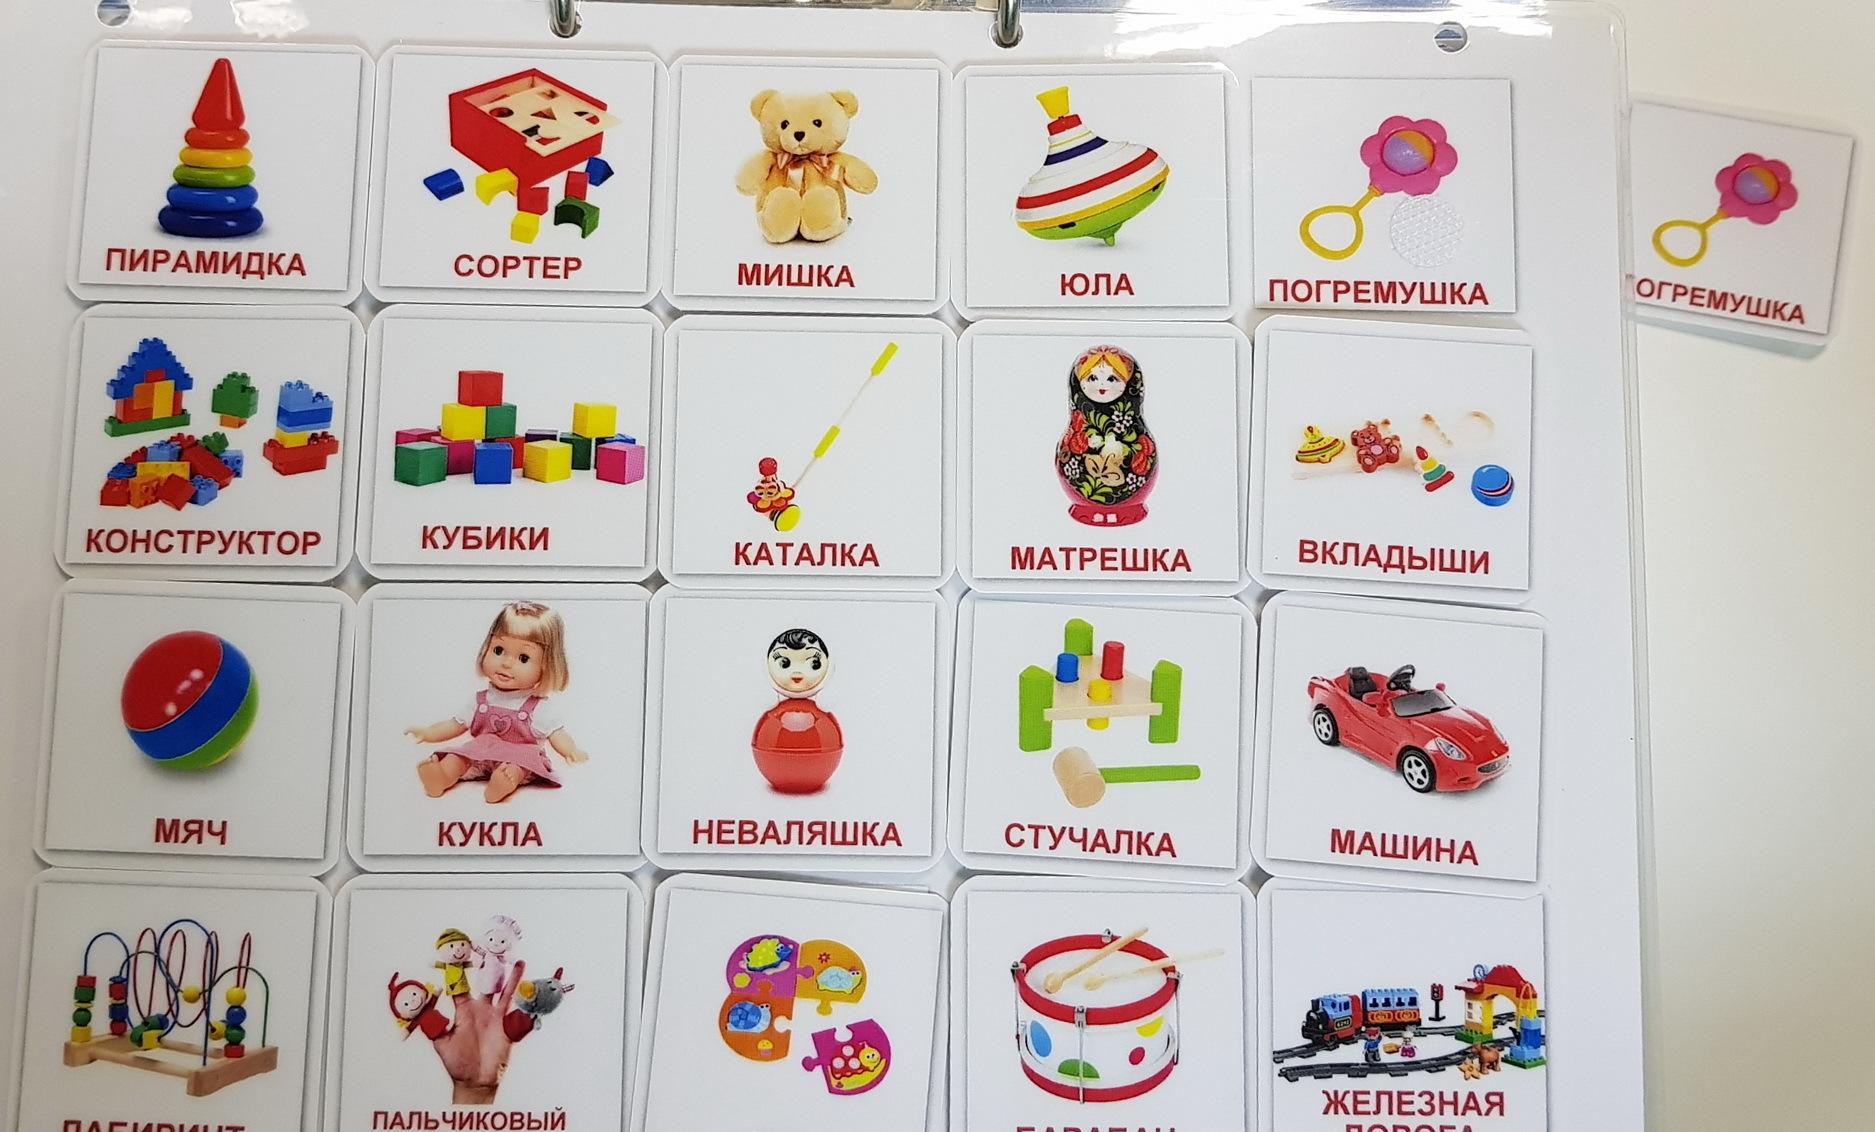 Мои игрушки. Двадцать карточек. Развивающие пособия на липучках Frenchoponcho (Френчопончо)